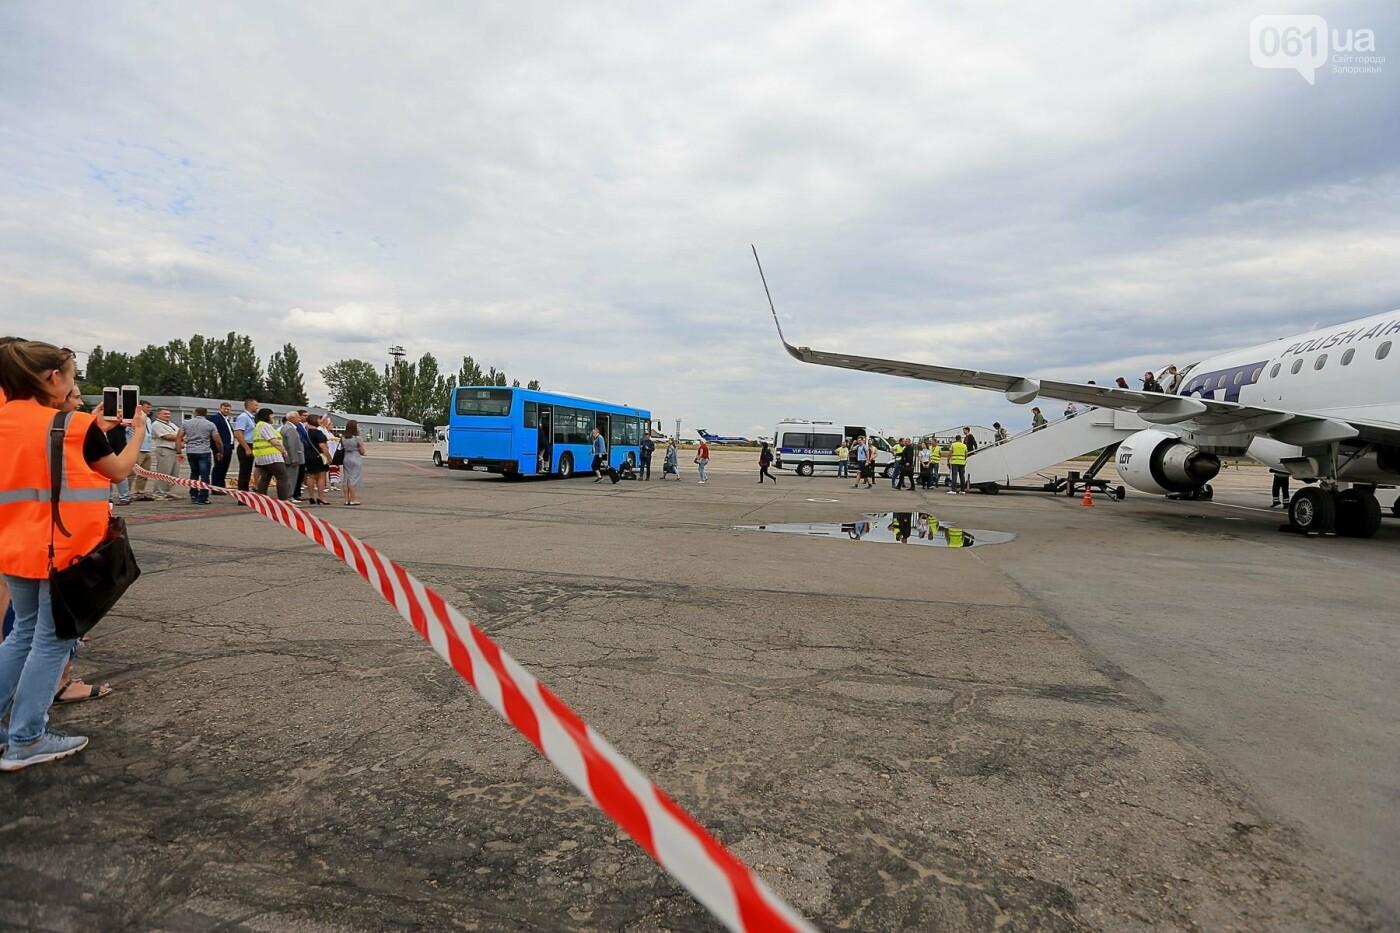 Торт, каравай и дождевая арка: открытие нового авиарейса Варшава-Запорожье в фотографиях, фото-9